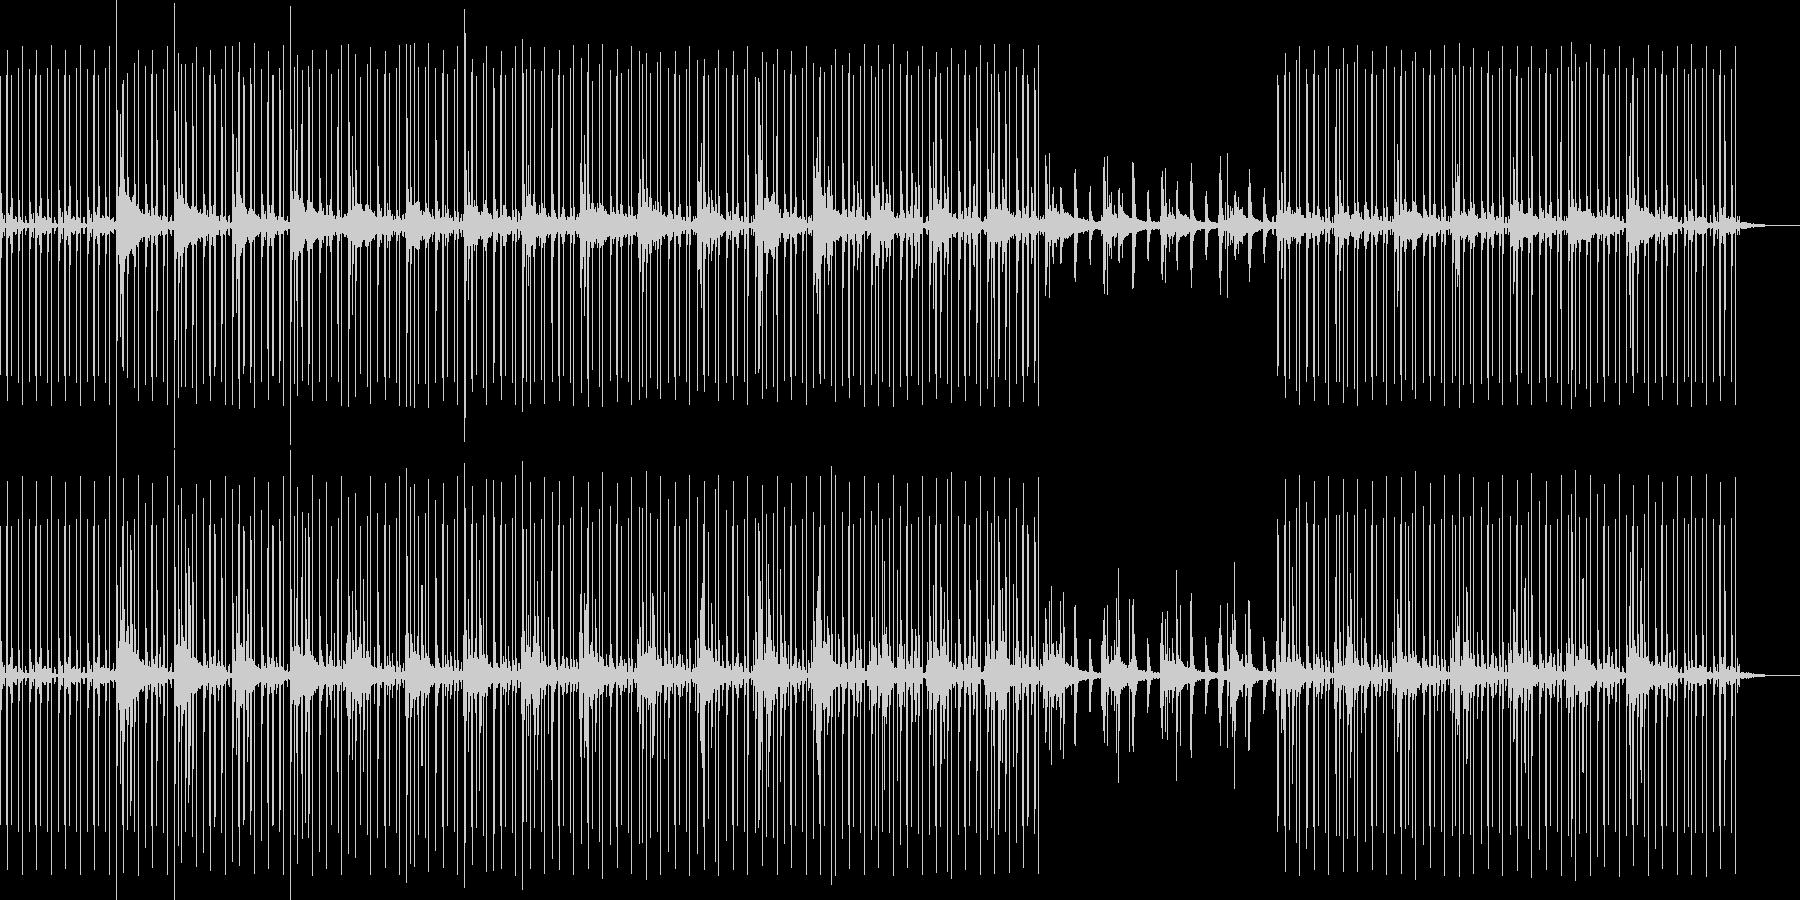 風吹く鉄の歌Breaks dubstepの未再生の波形